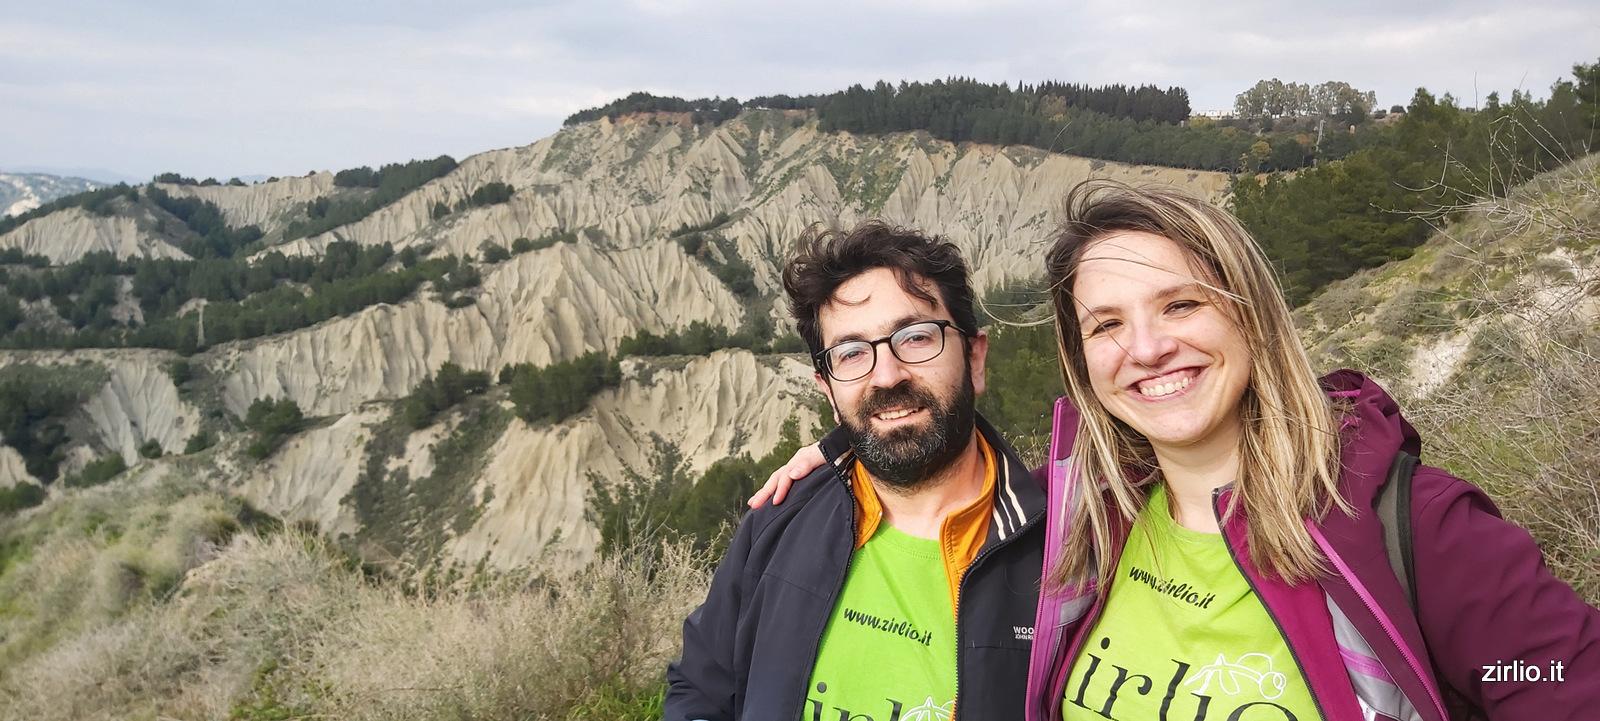 Escursione tra i calanchi di Montalbano Jonico